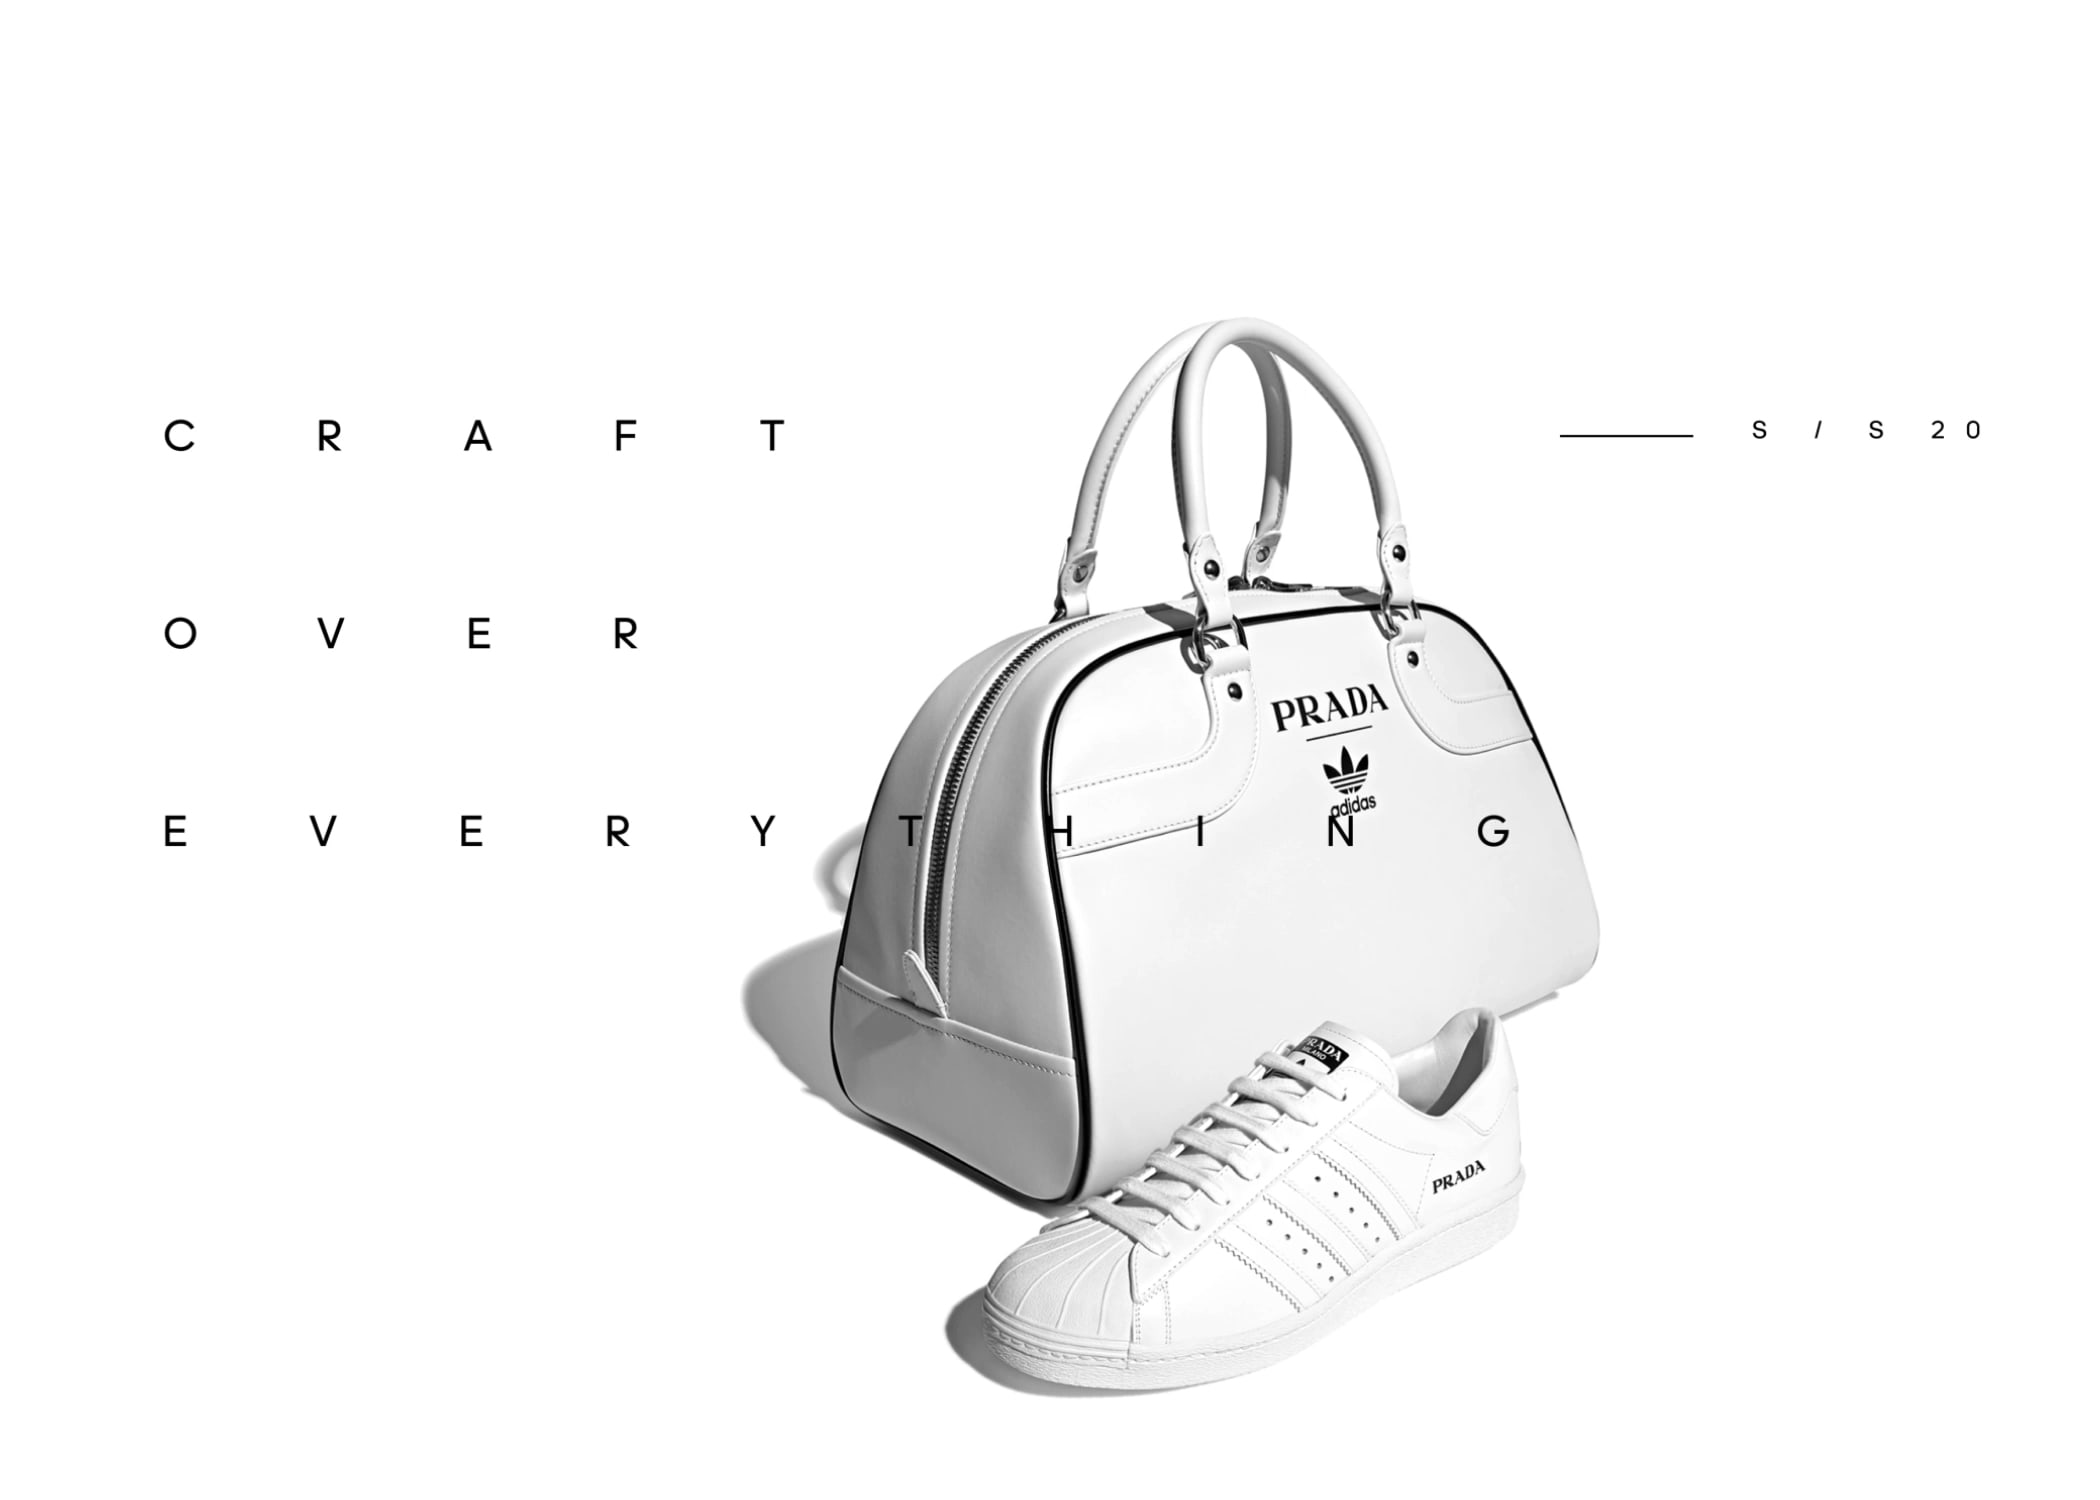 alabanza Deseo he equivocado  Prada for adidas | adidas Originals